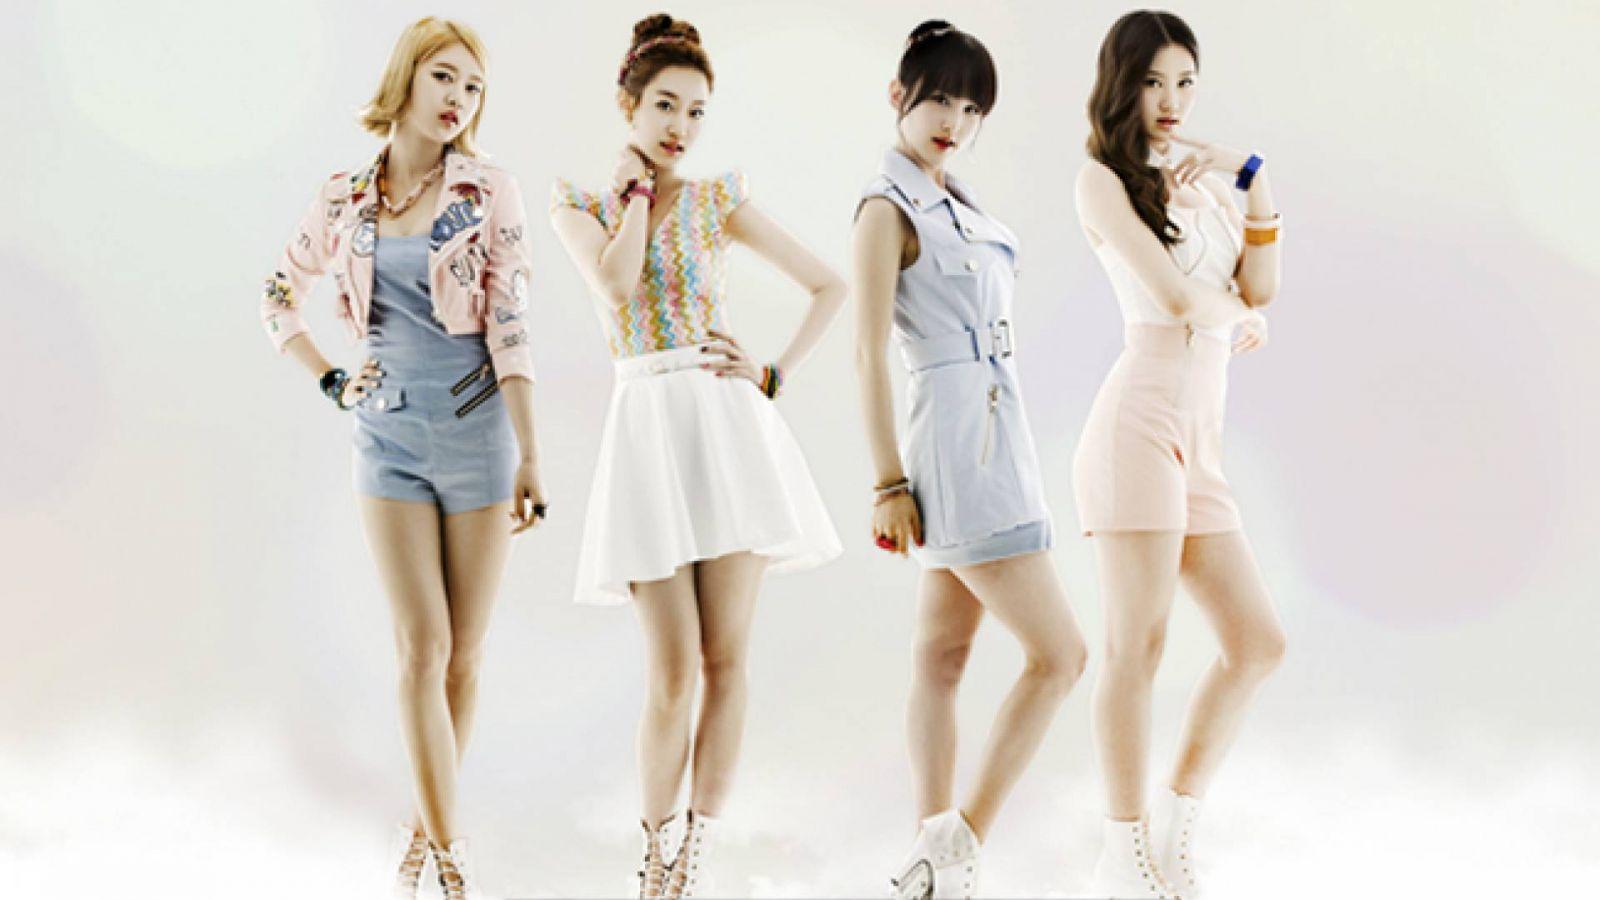 Nep © Naeun Entertainment